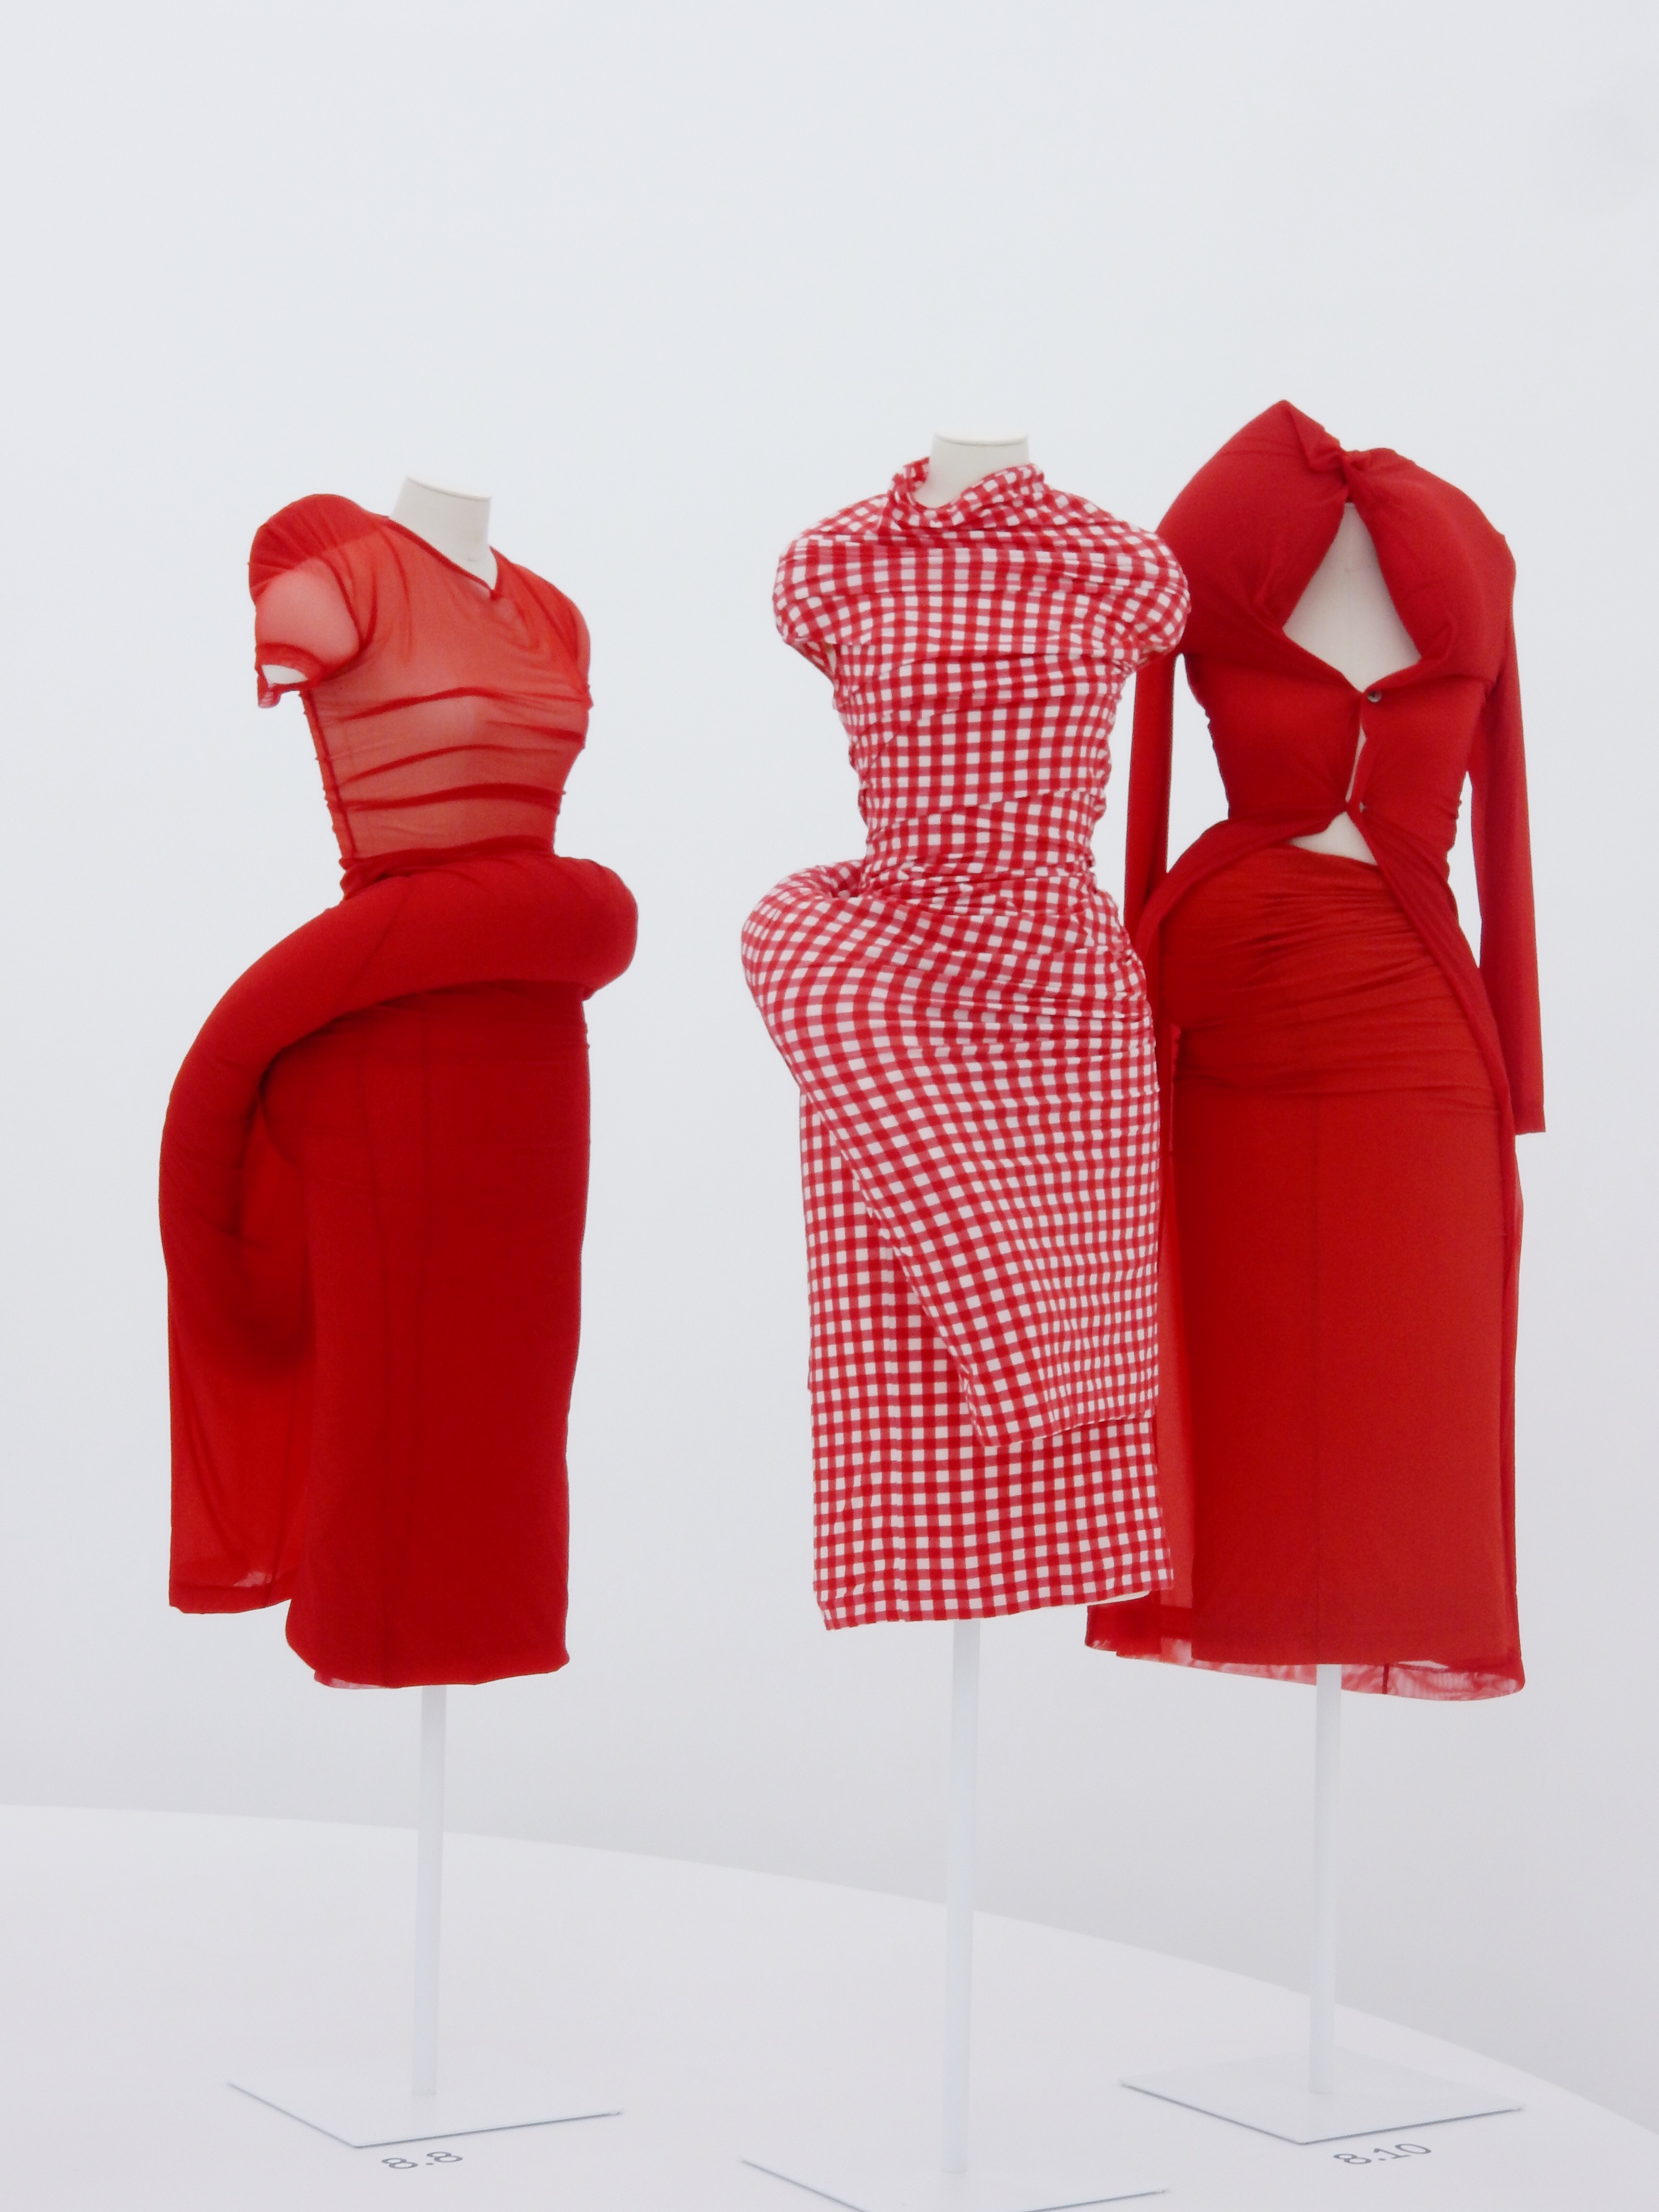 Body Meets Dress/Dress Meets Body